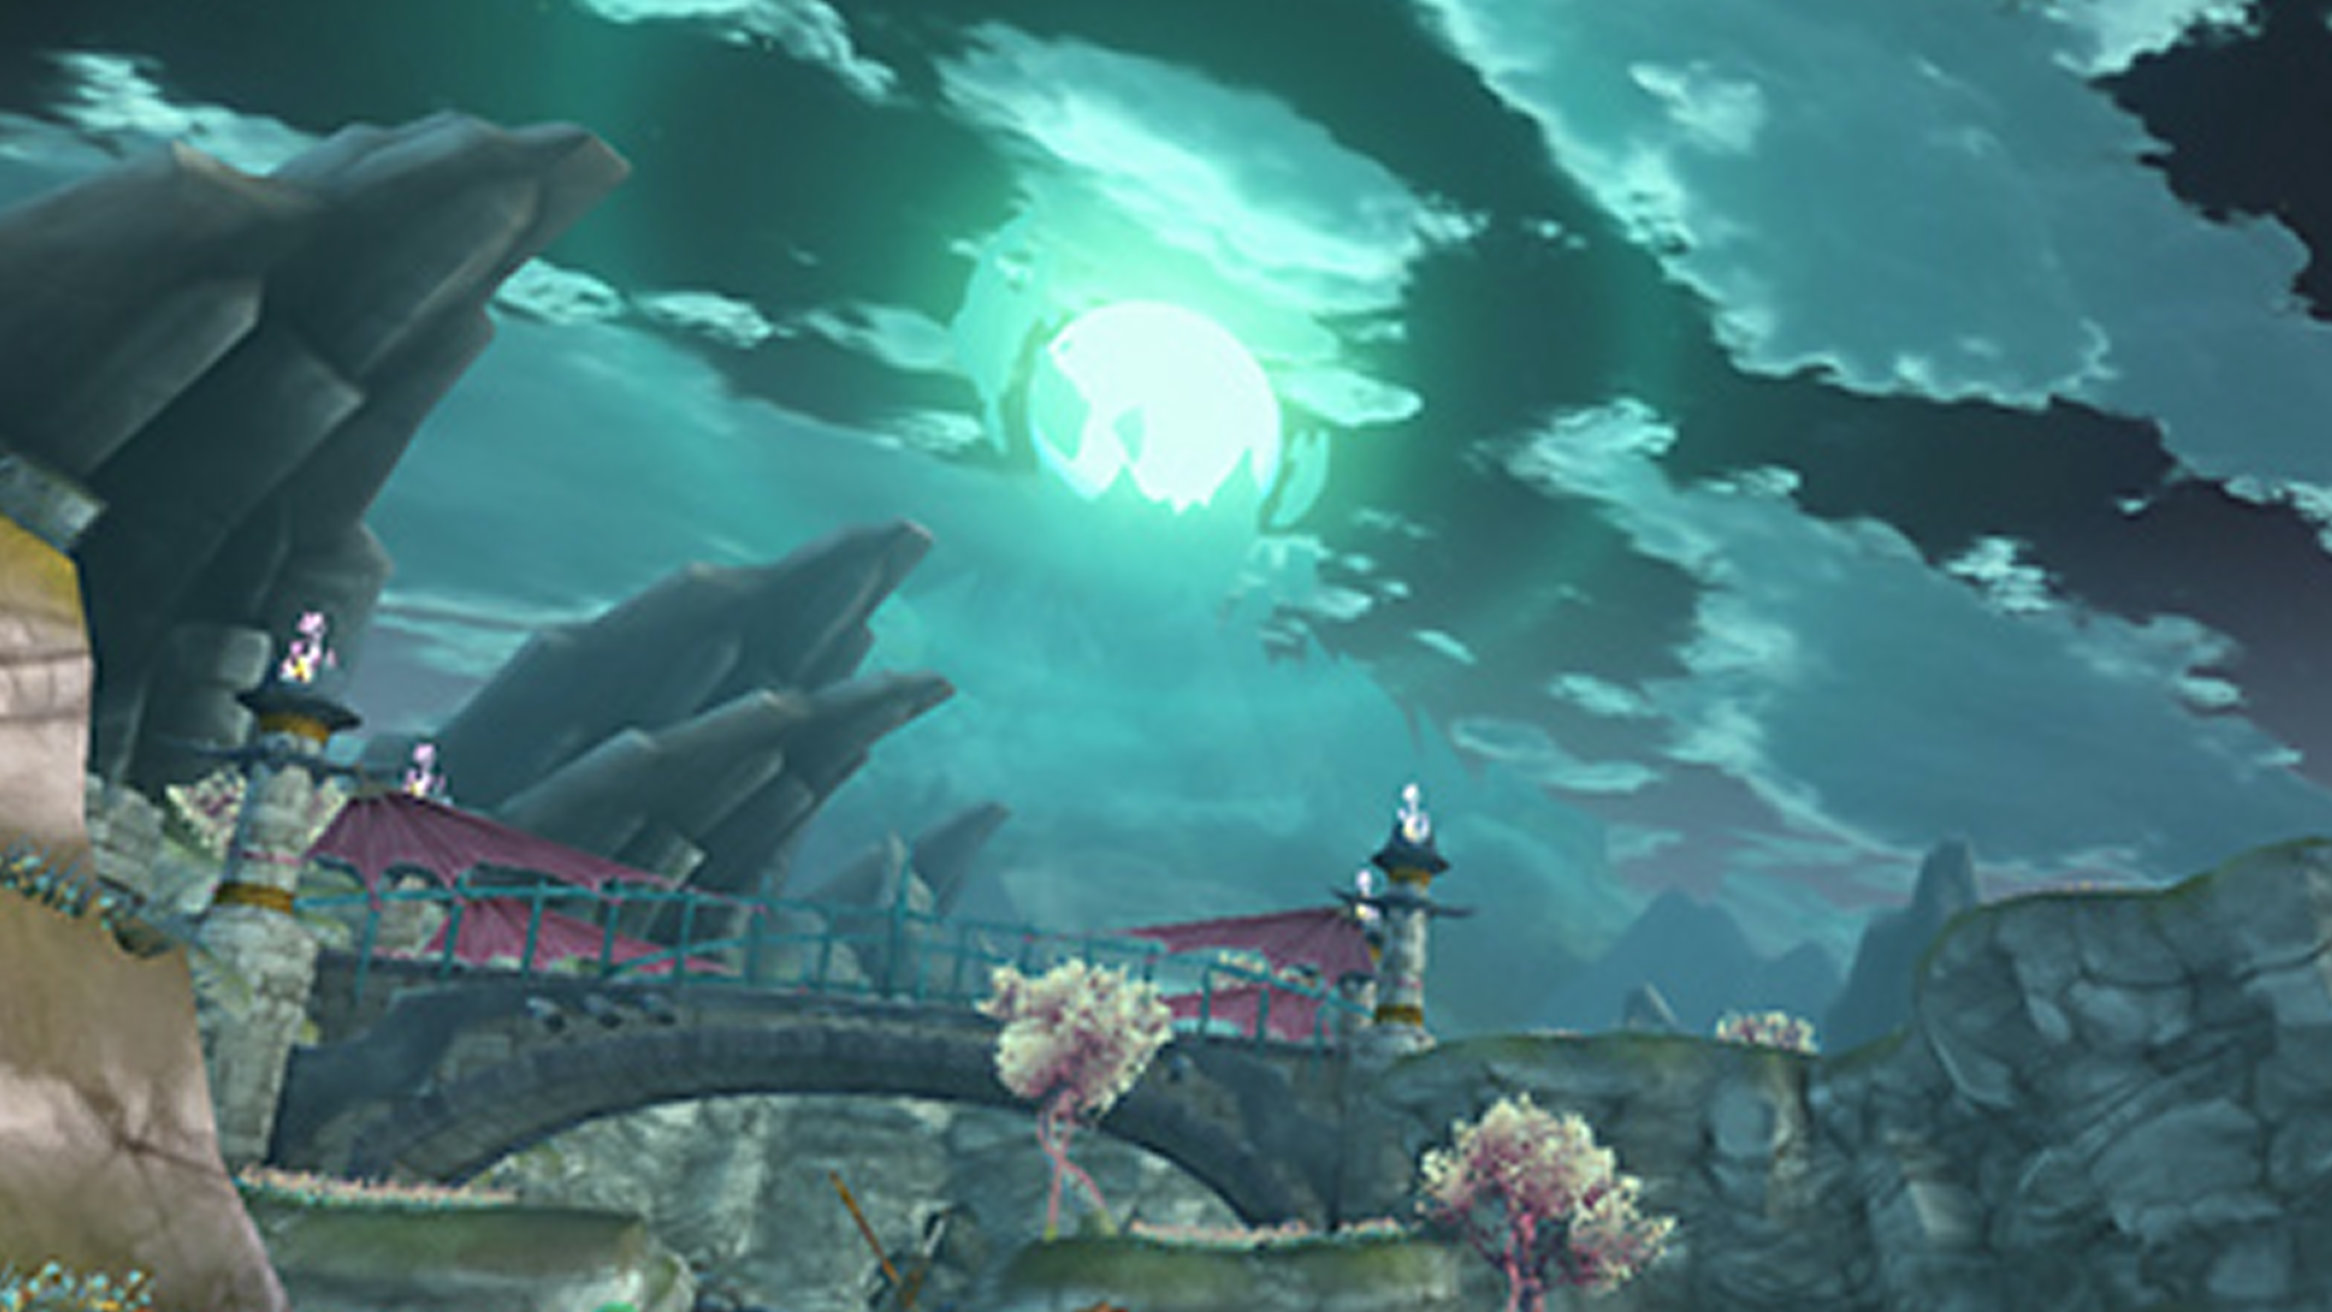 WiiU 最後ソフトが更新予定。国内で久々に新作